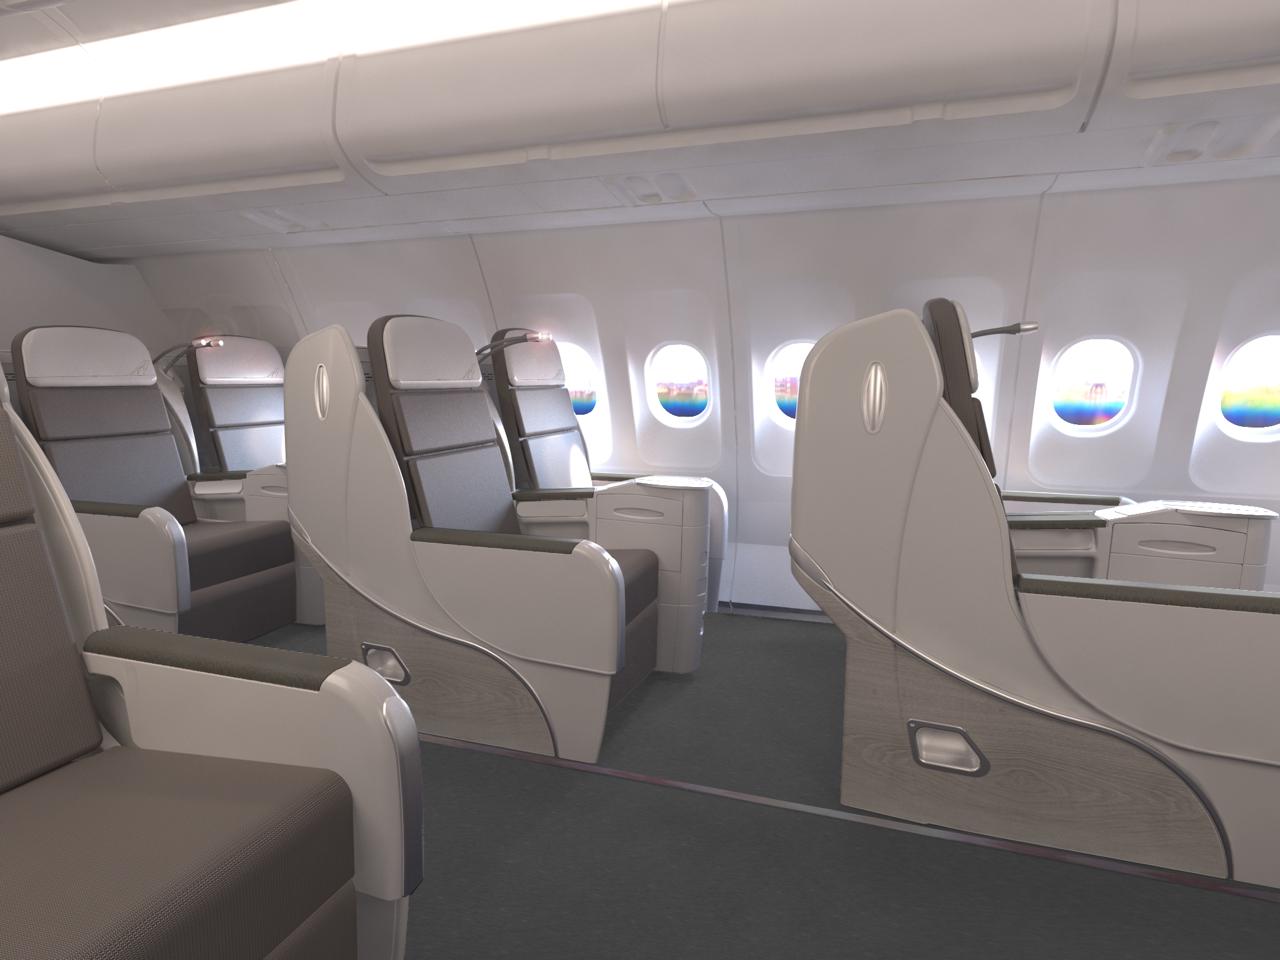 Nouvelles offres chez corsair l 39 info kwezi for Plan de cabine boeing 747 400 corsair